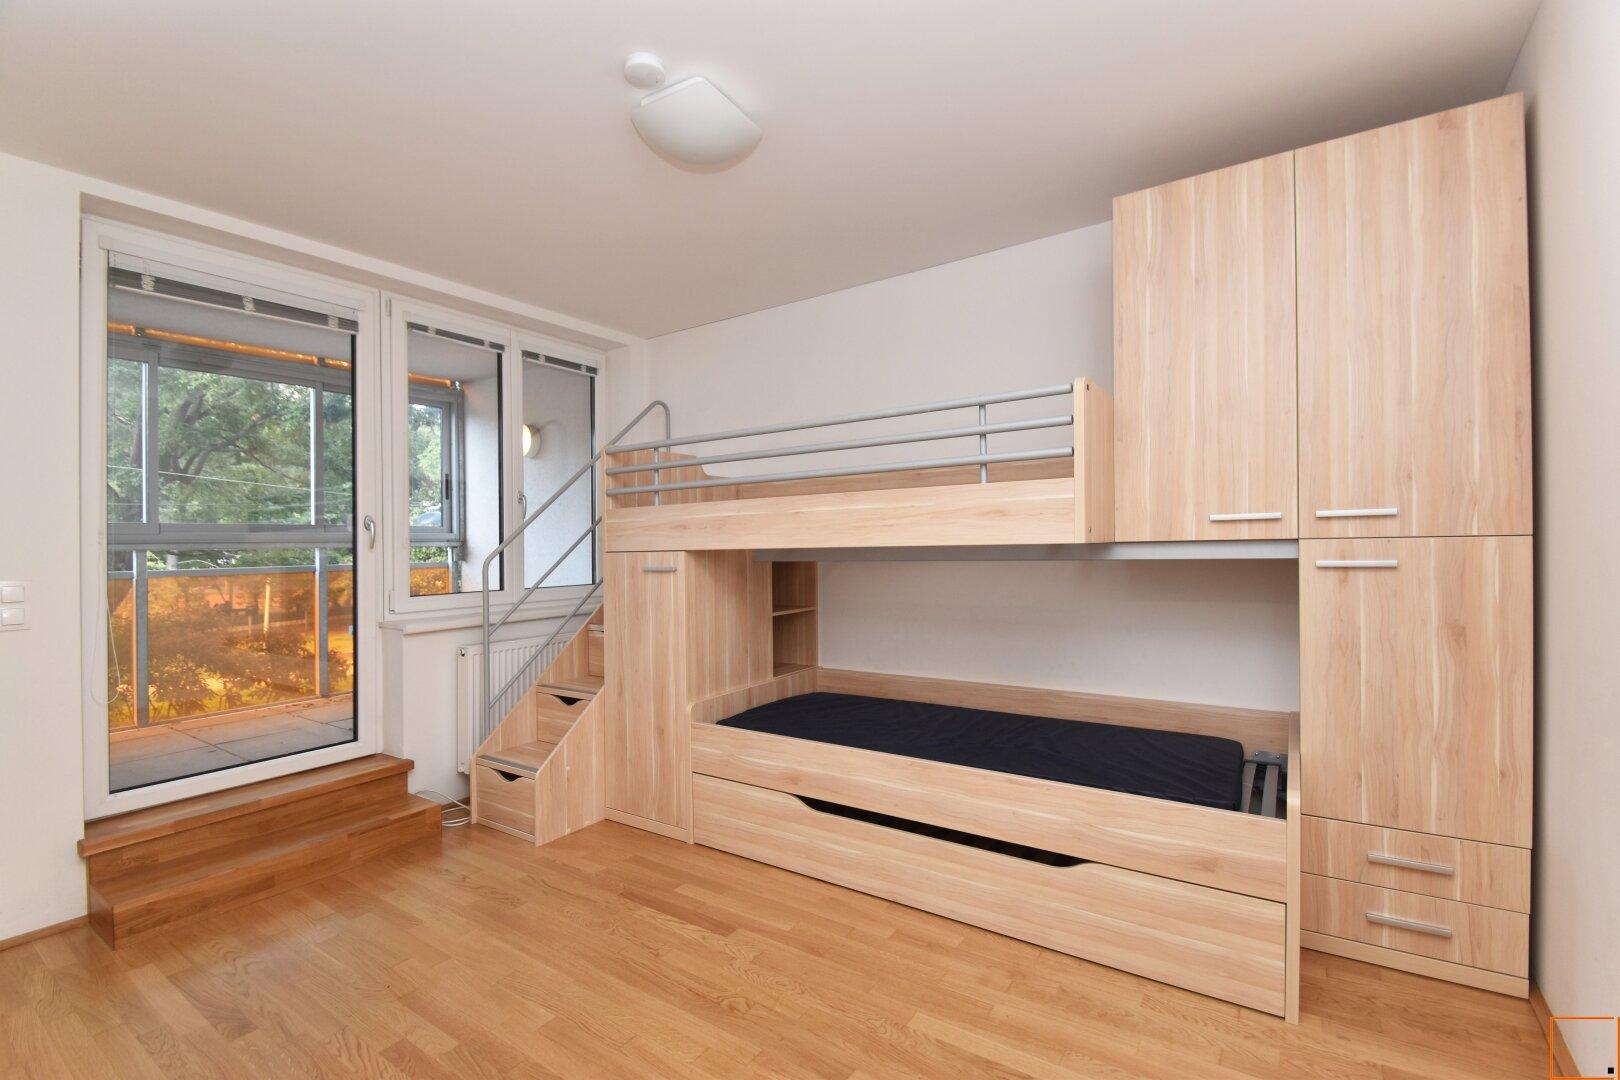 Schlafzimmer 12,13 m²